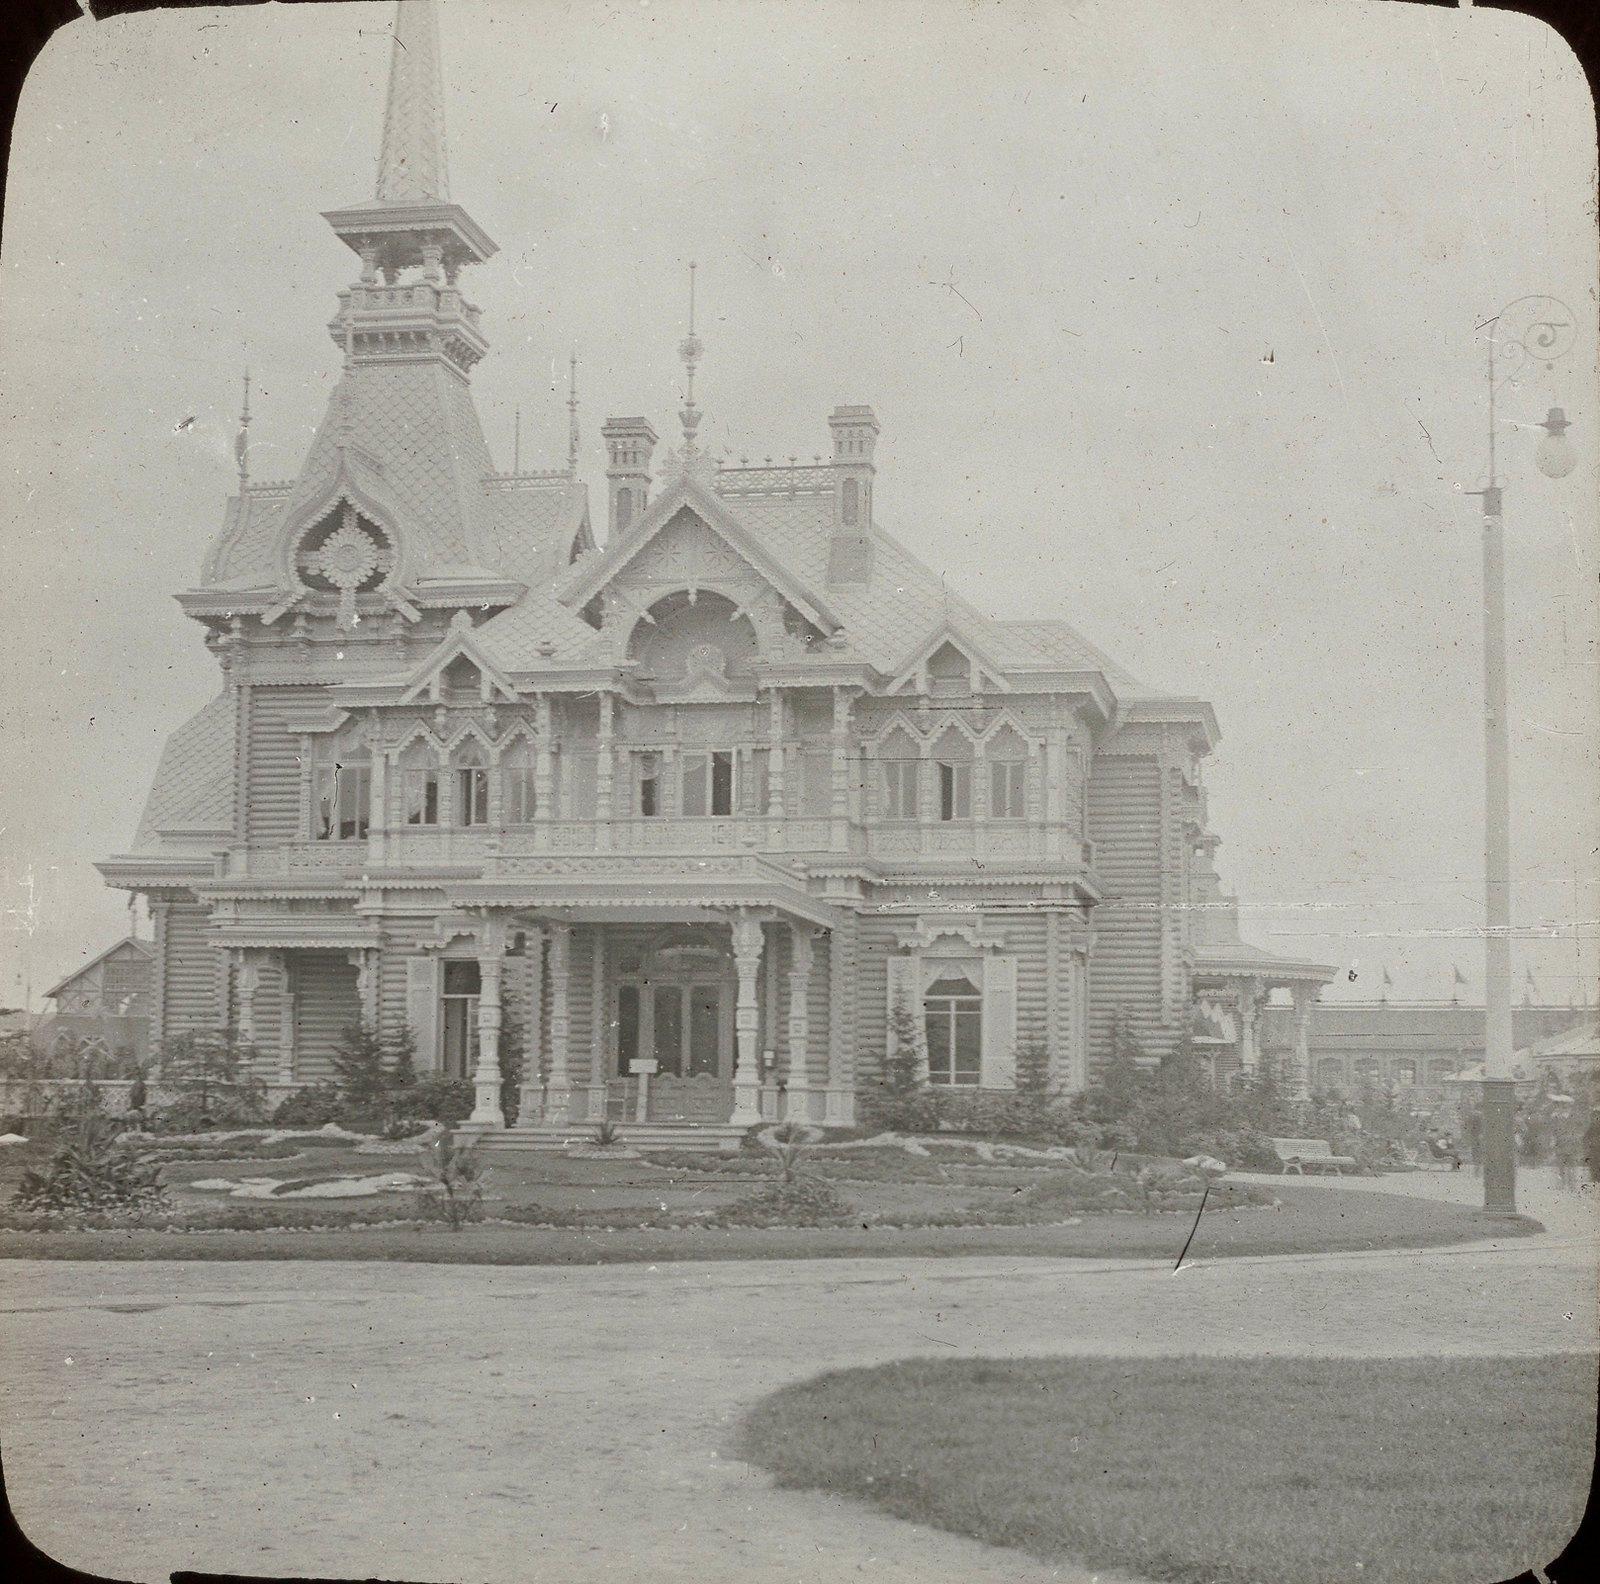 Нижний Новгород. Павильон на выставке 1896 года